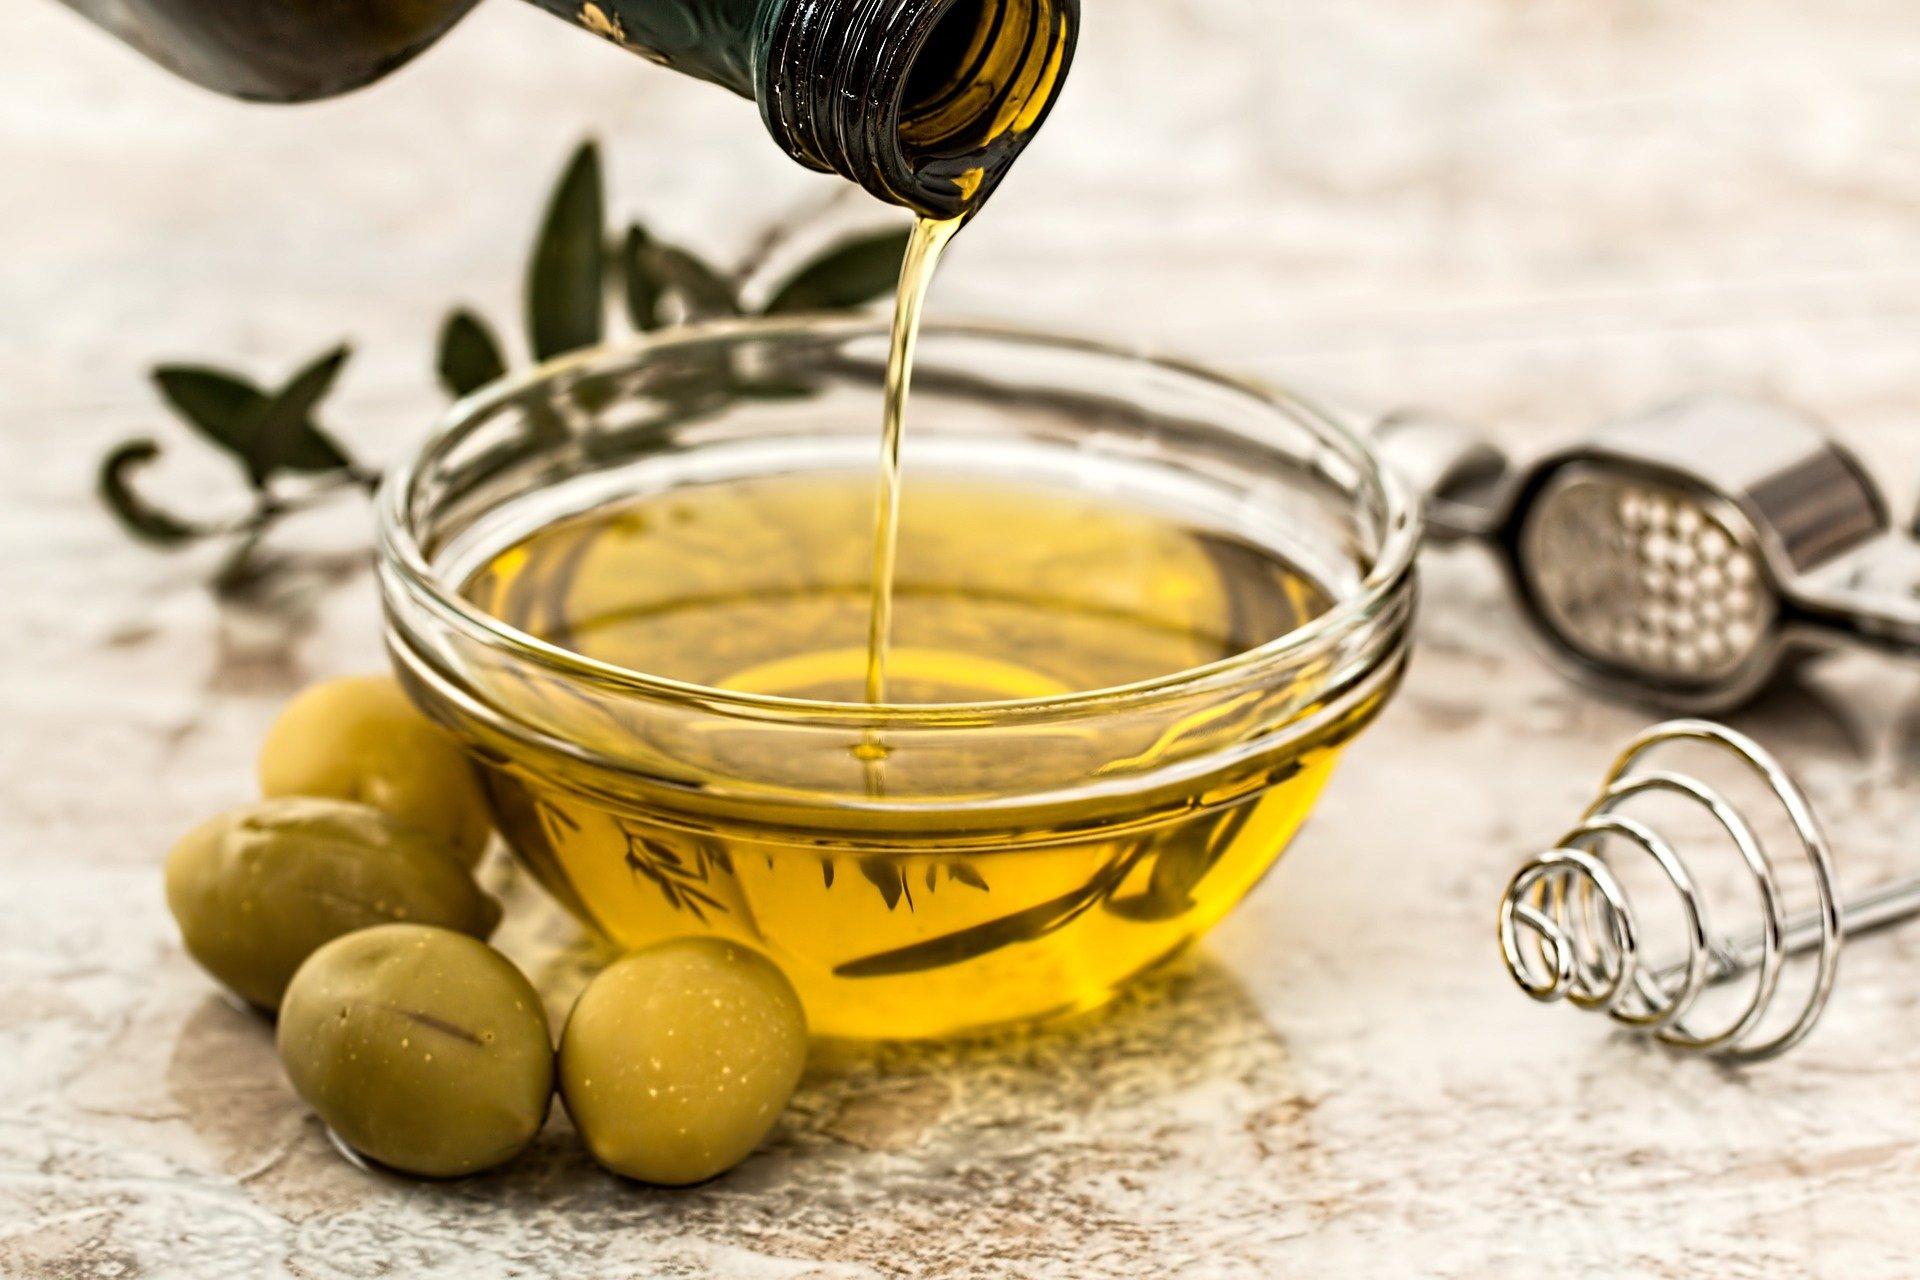 Huile d'olive naturelle et biologique cosmétique naturelle des Patachons